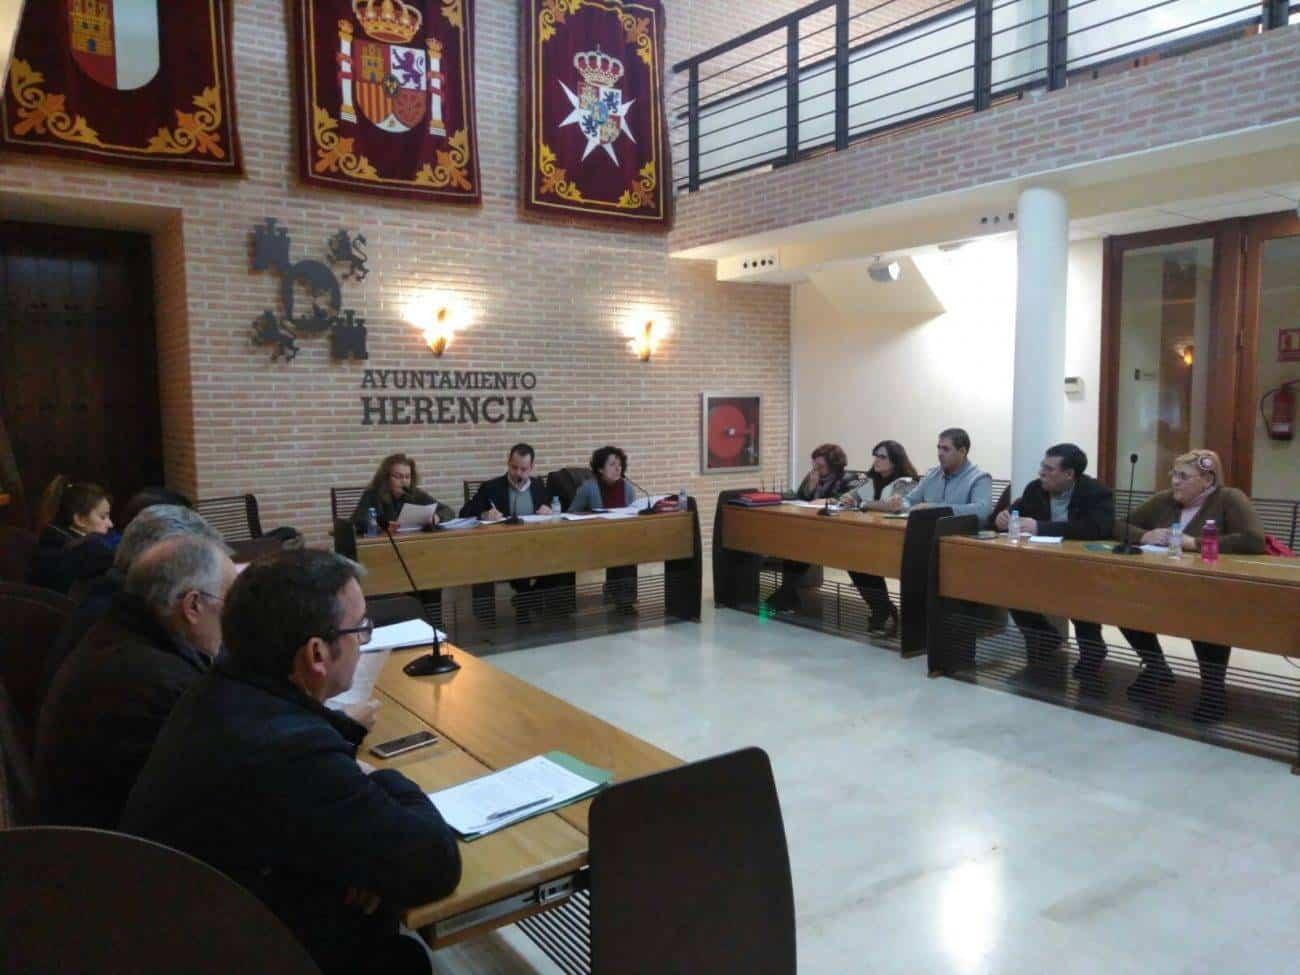 pleno municipal de Herencia - Resumen del último pleno municipal celebrado el 26 de abril